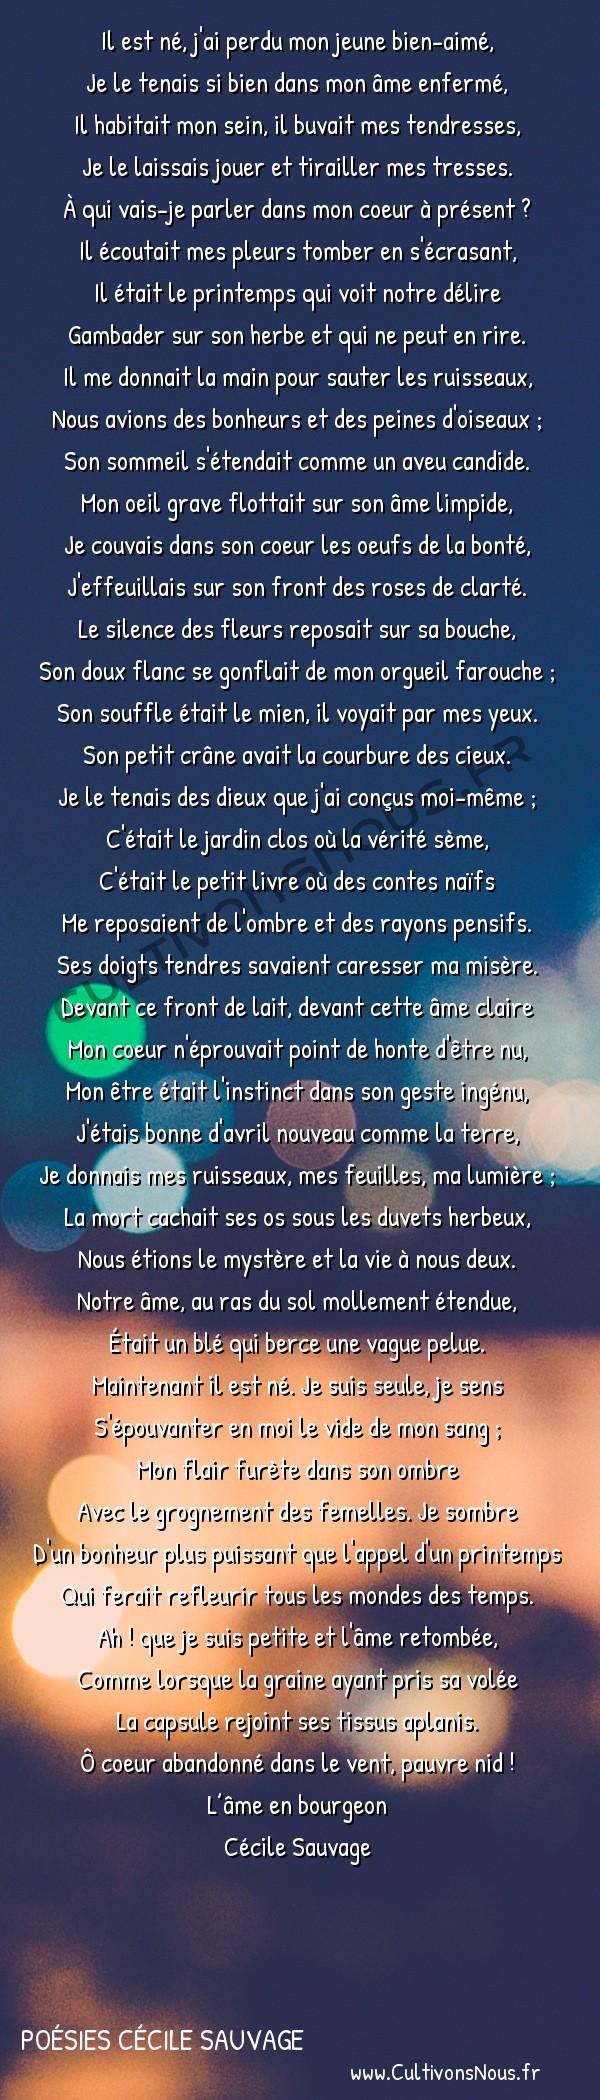 Poésies Cécile Sauvage - L'âme en bourgeon - Il est né… -  Il est né, j'ai perdu mon jeune bien-aimé, Je le tenais si bien dans mon âme enfermé,